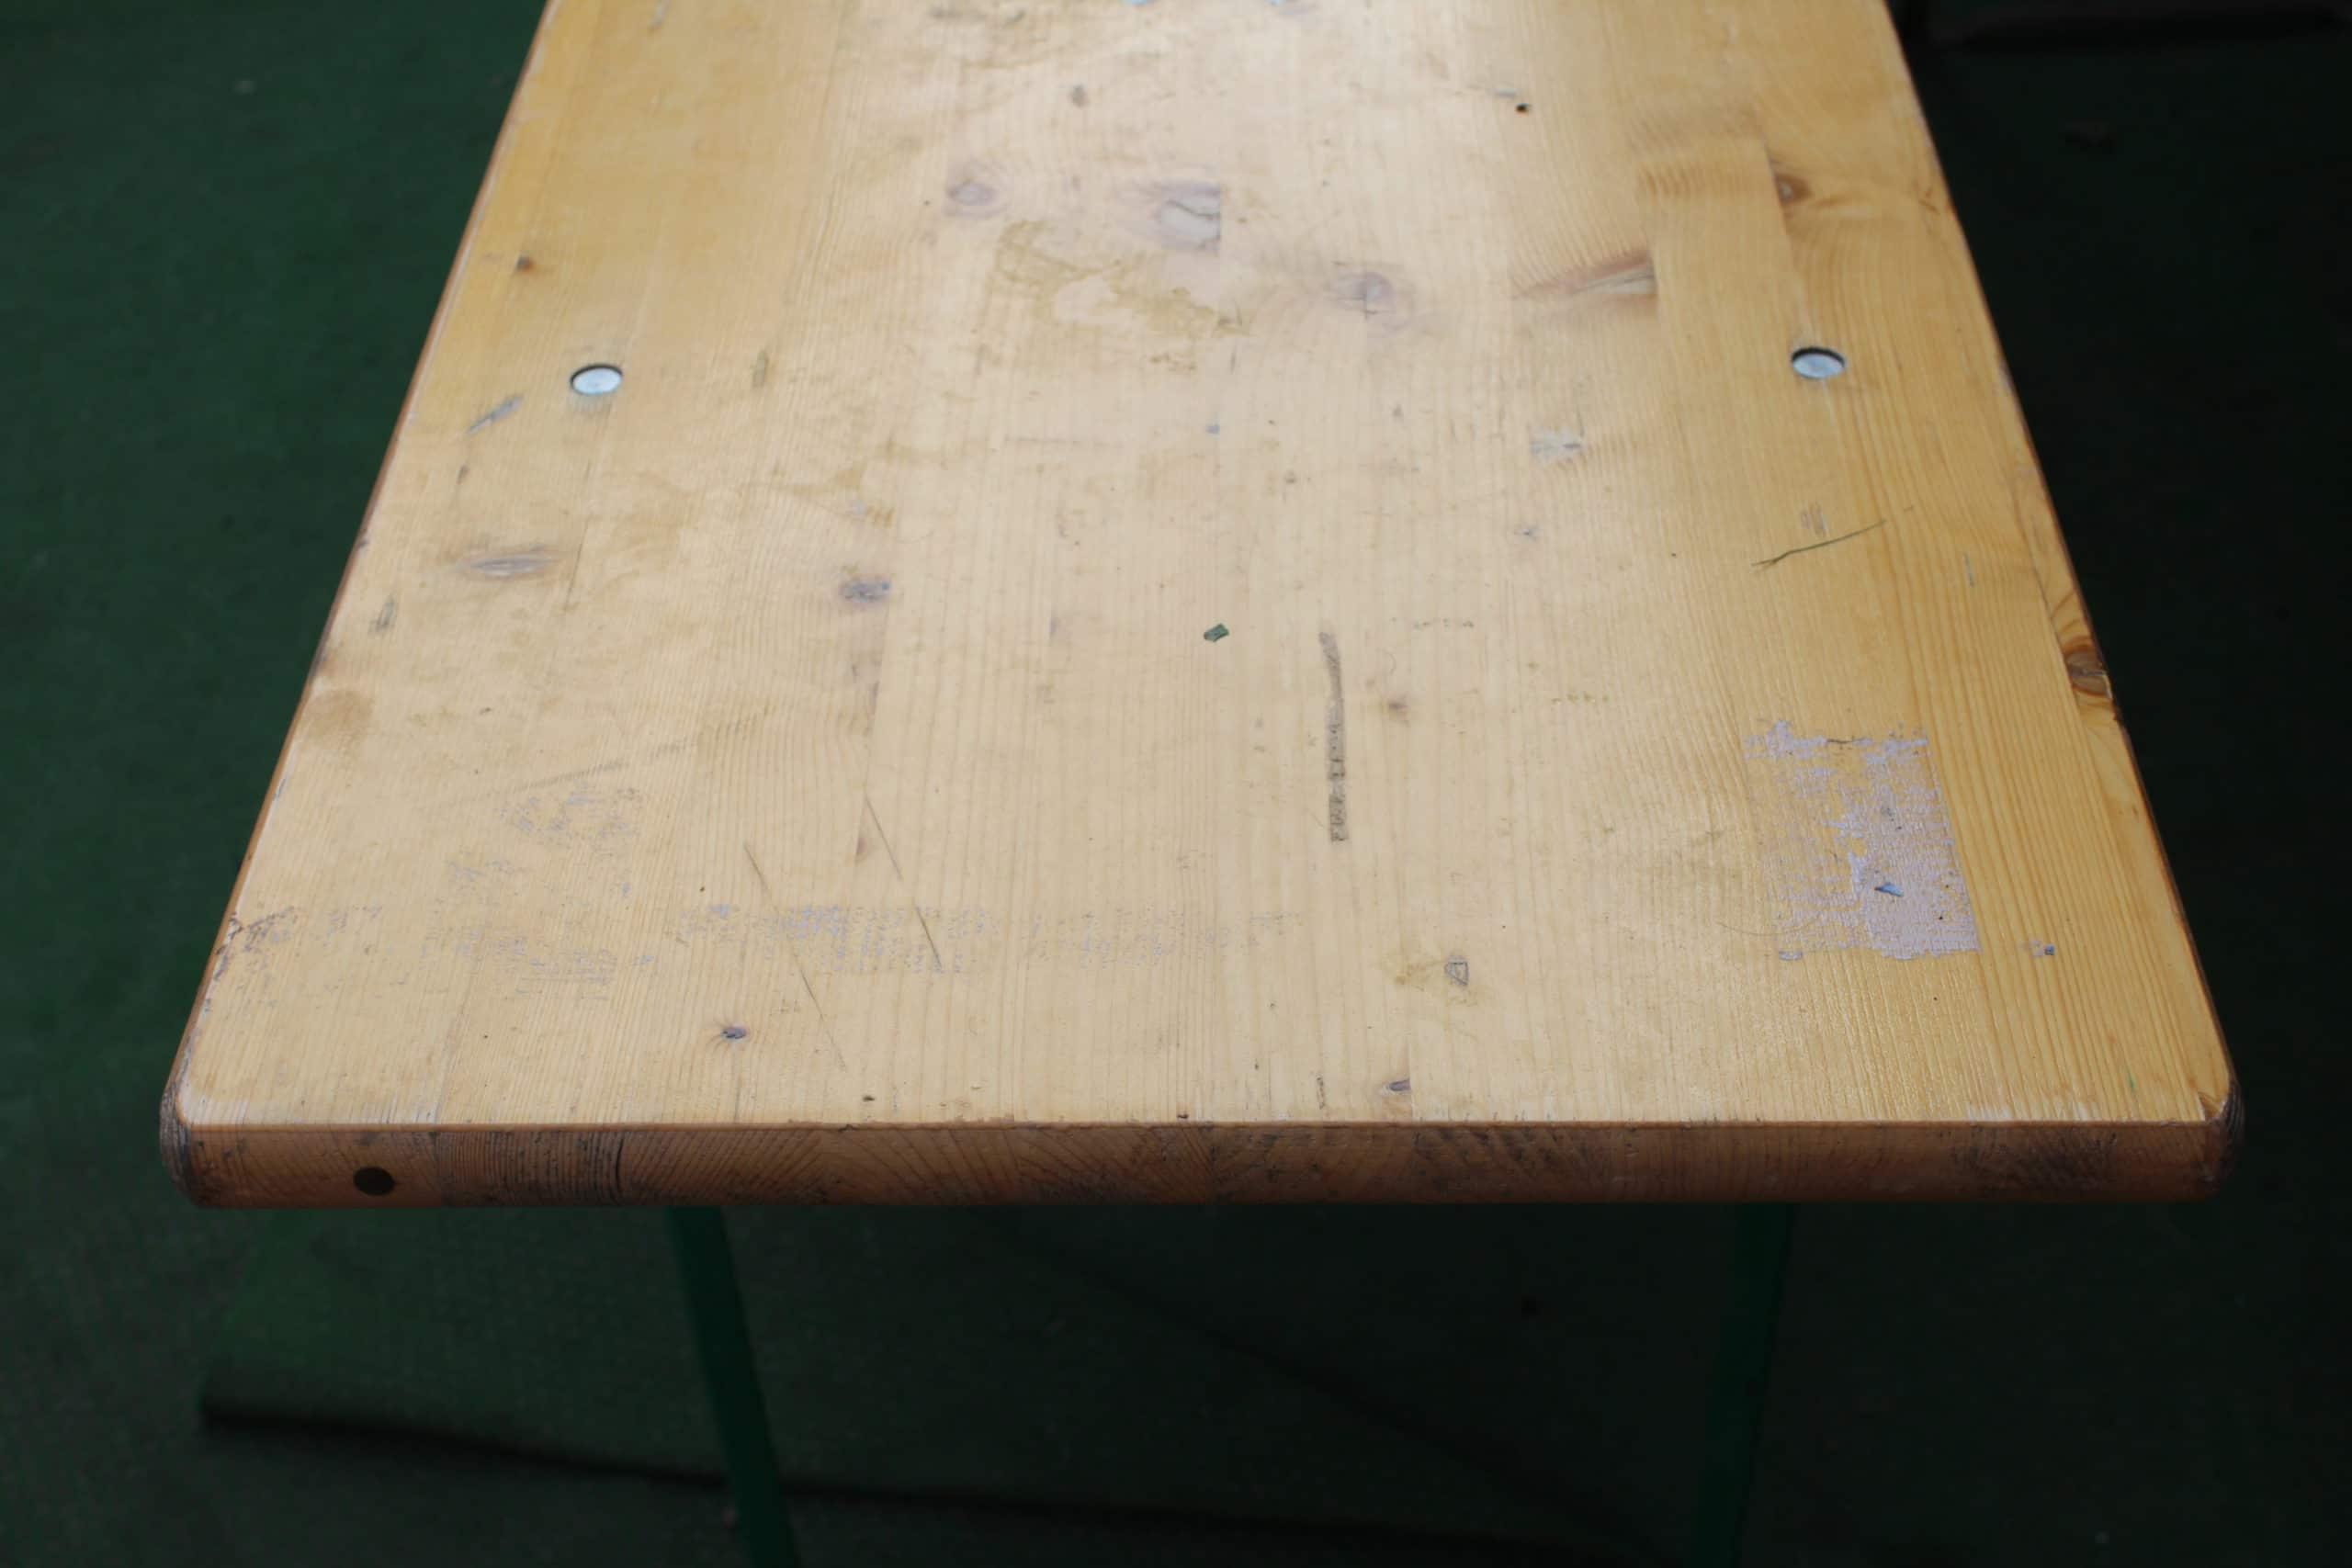 Berühmt Bierzeltgarnitur - robuste Sitzgelegenheiten - Bierzeltgarnitur ABC EB02